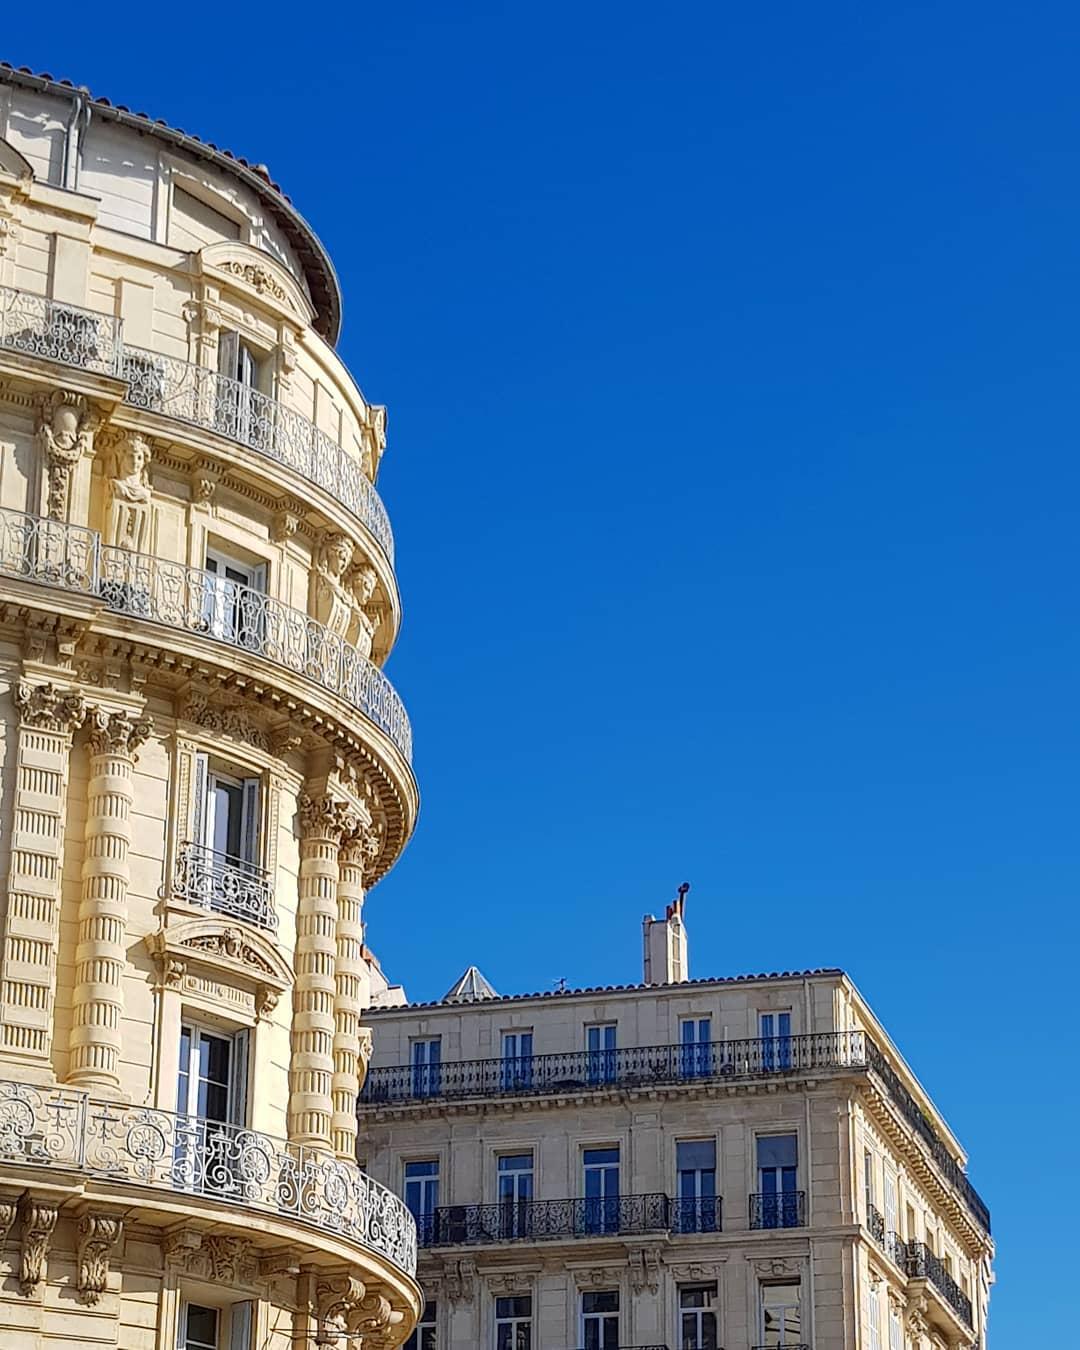 Guten Morgen Und Grüße Aus Marseille Urlaub Holiday Sun